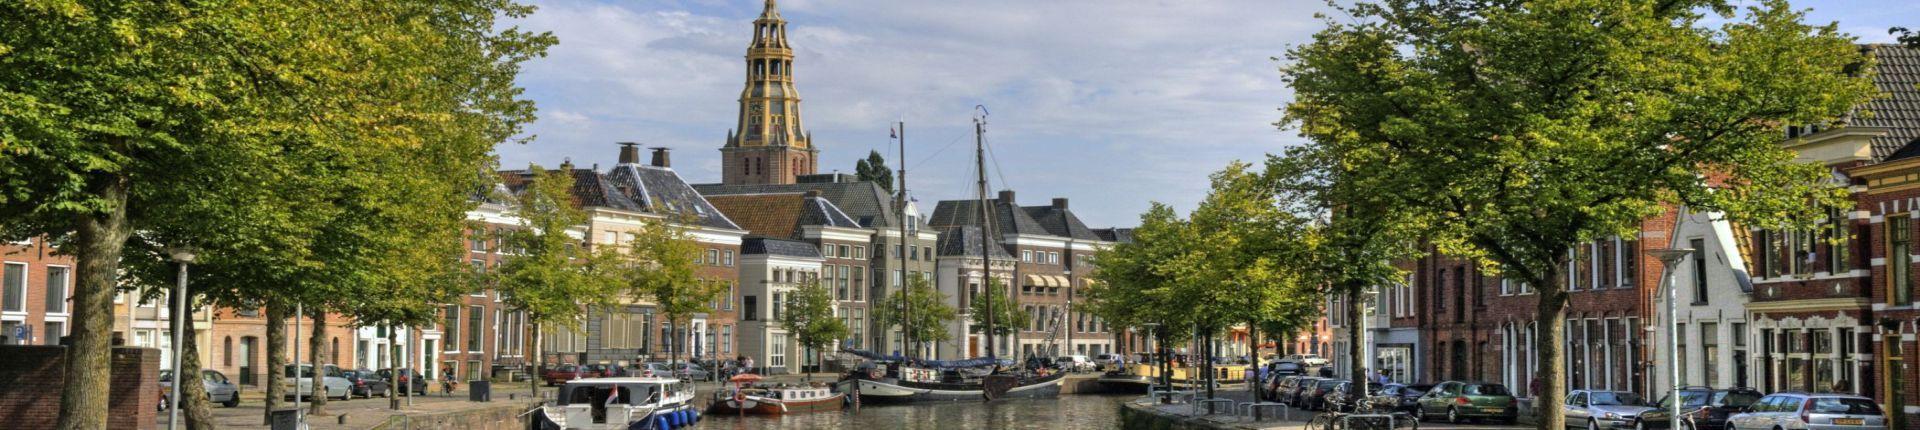 שייט ורכיבה מאמסטרדם לברוז' במנפיק' 2